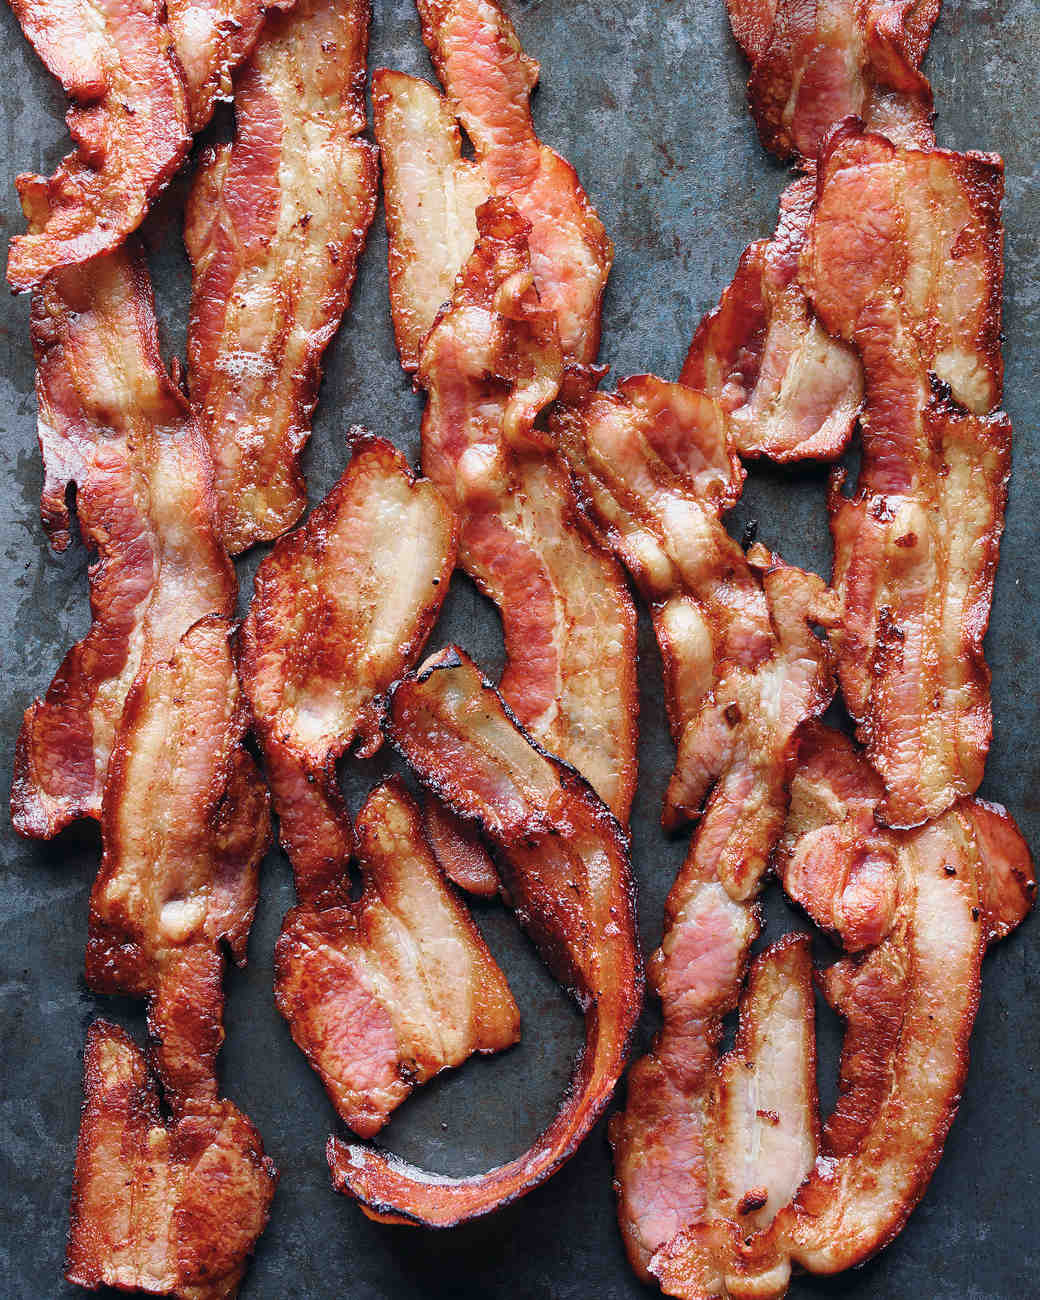 med106330_1210_bacon_fried.jpg